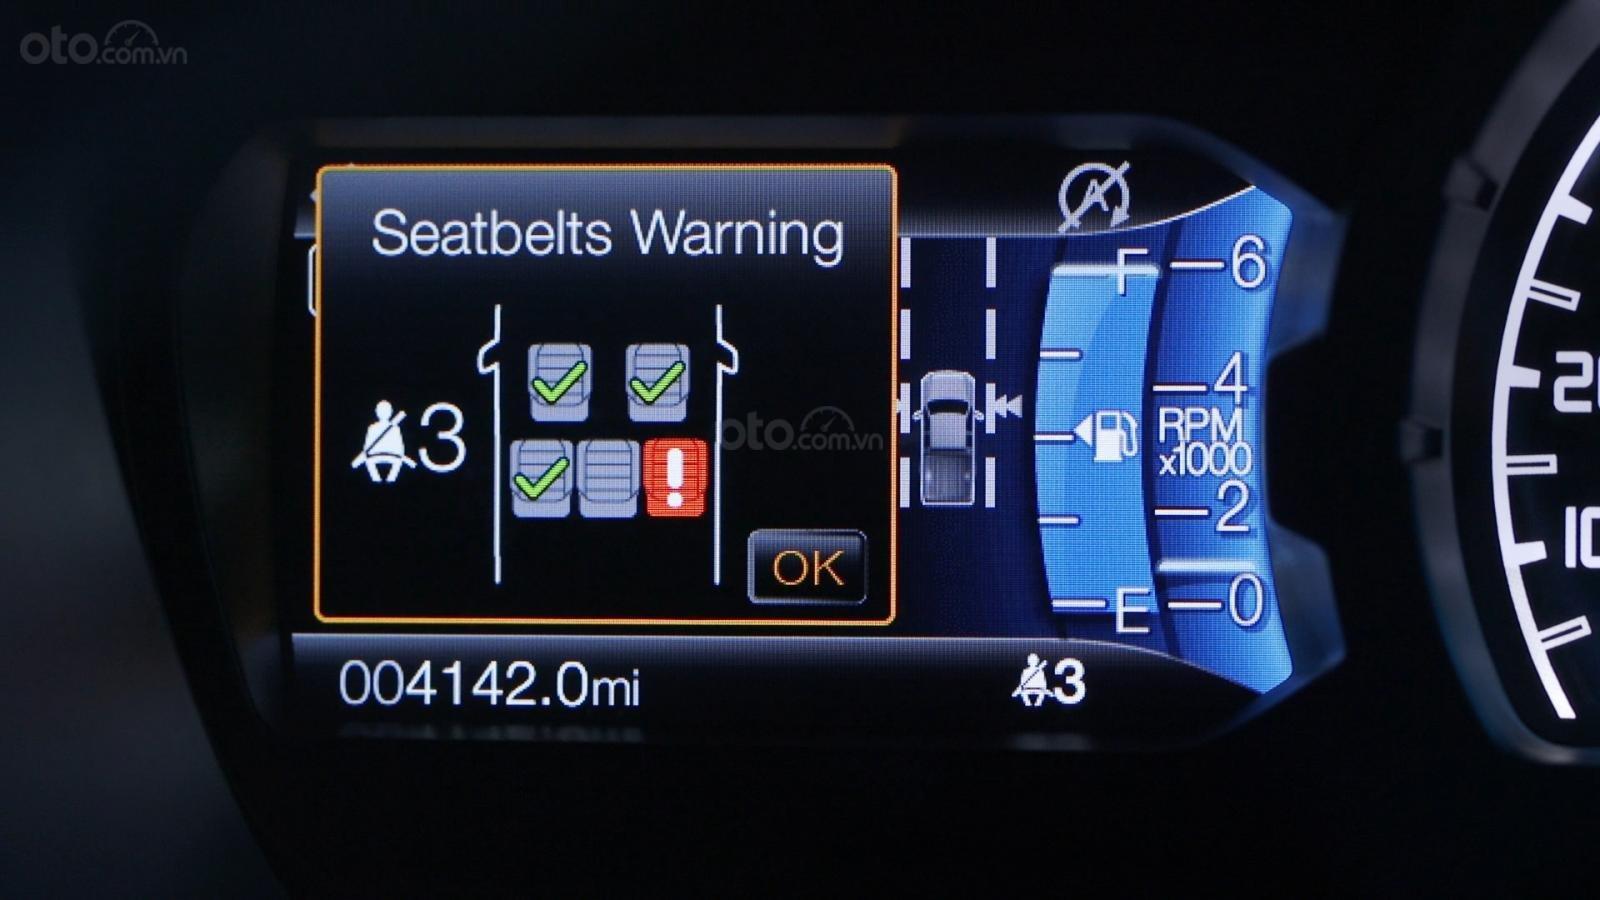 Ford Ranger 2019 bị triệu hồi do lỗi dây an toàn tăng nguy cơ chấn thương khi bị tai nạn